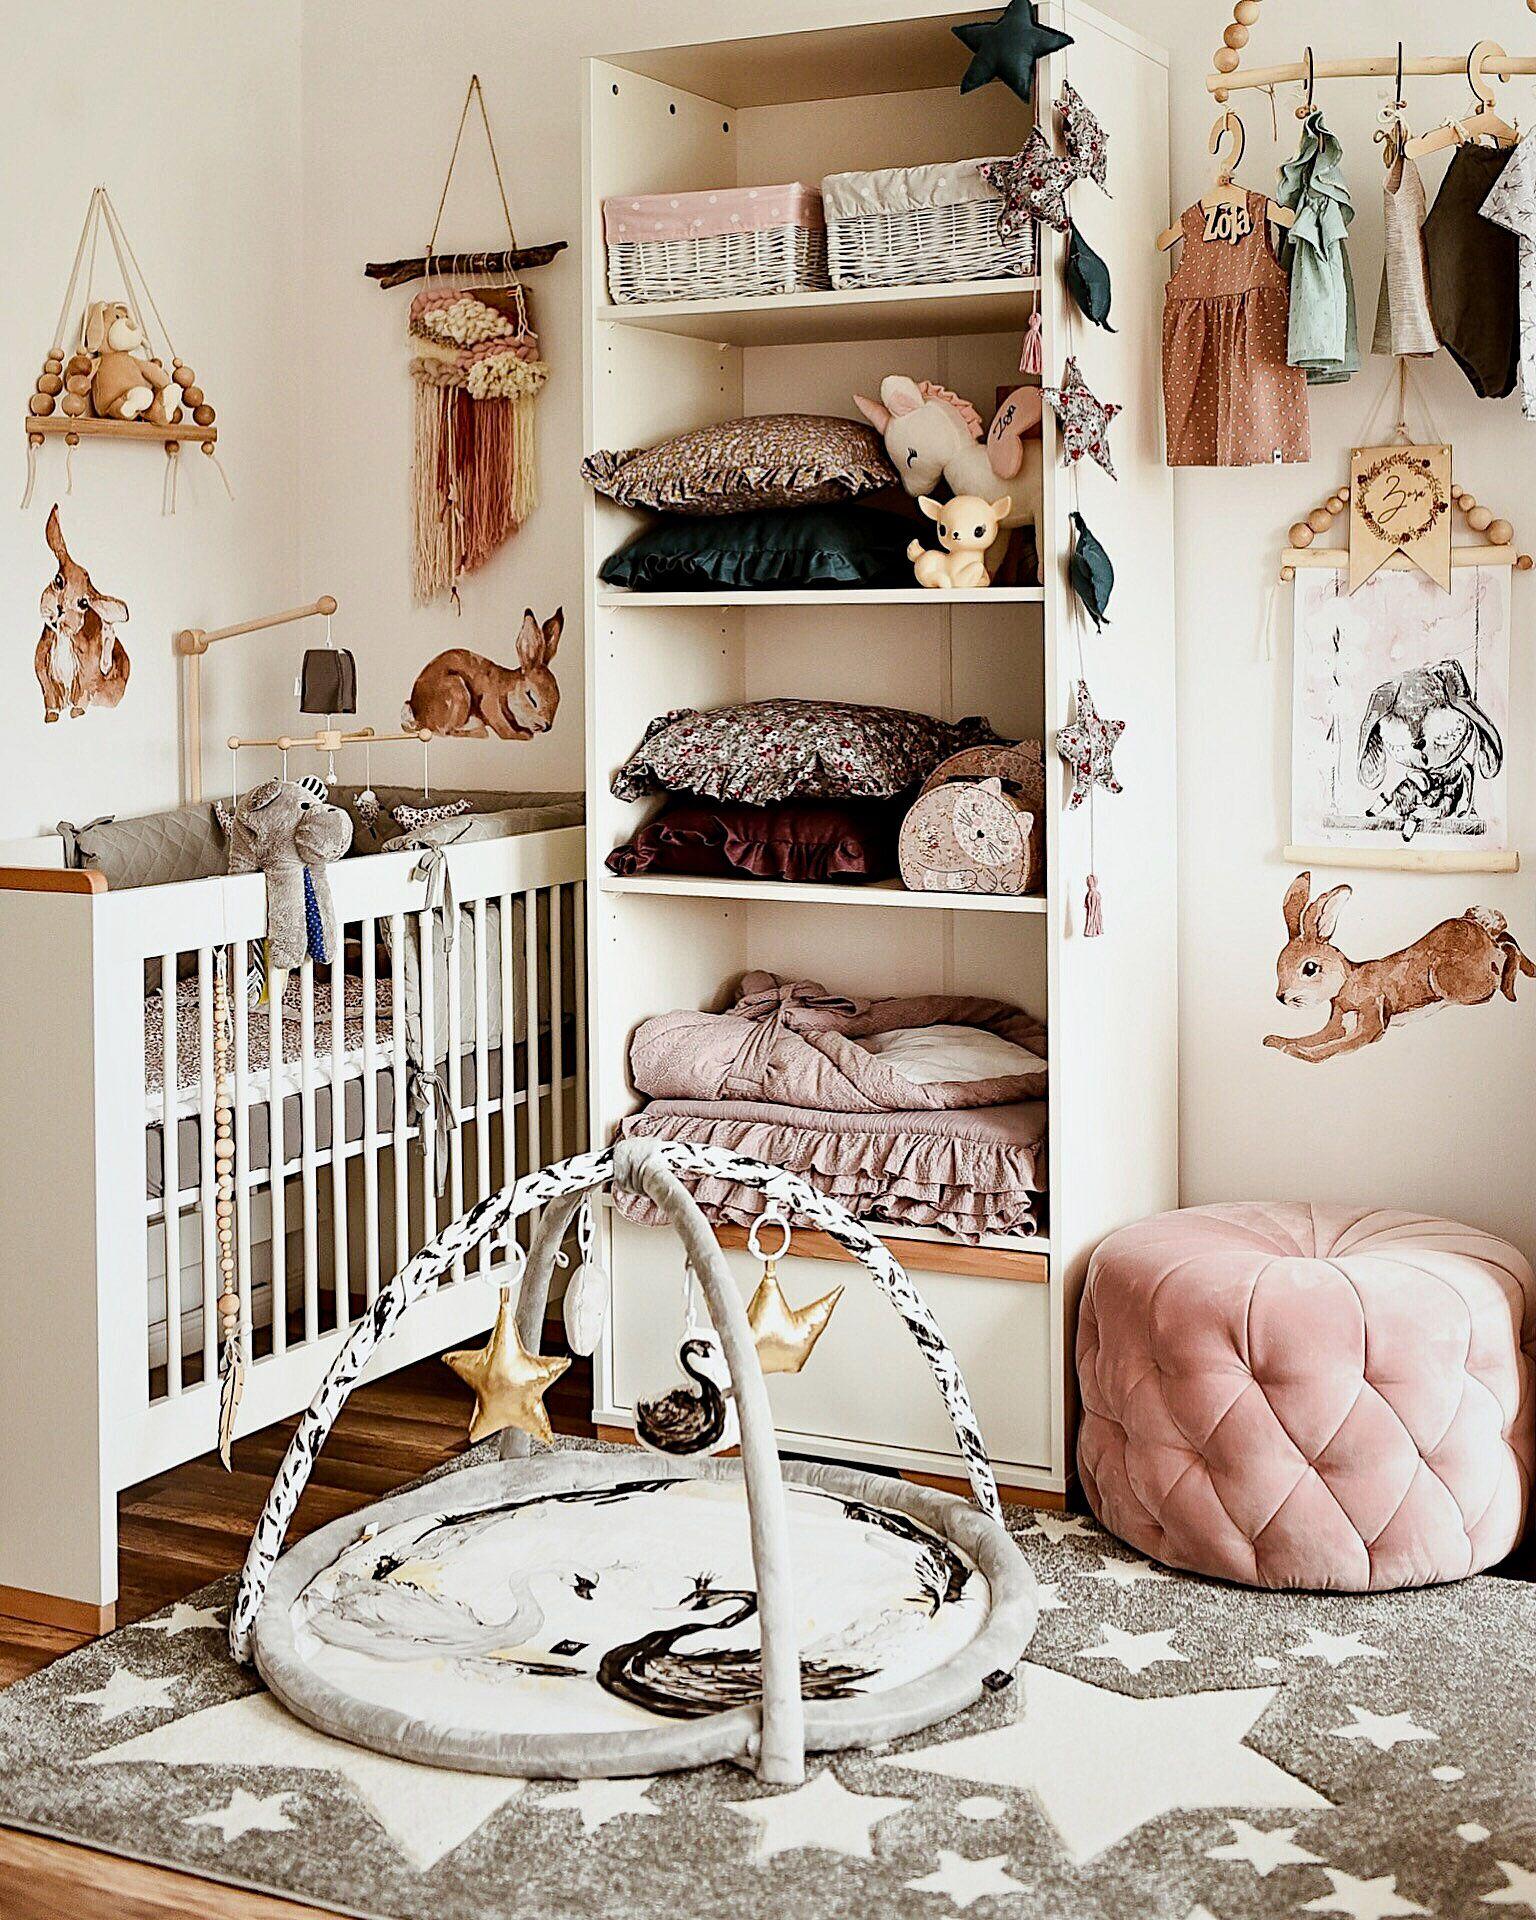 czego naprawdę potrzebujesz urządzając pokoj dziecka